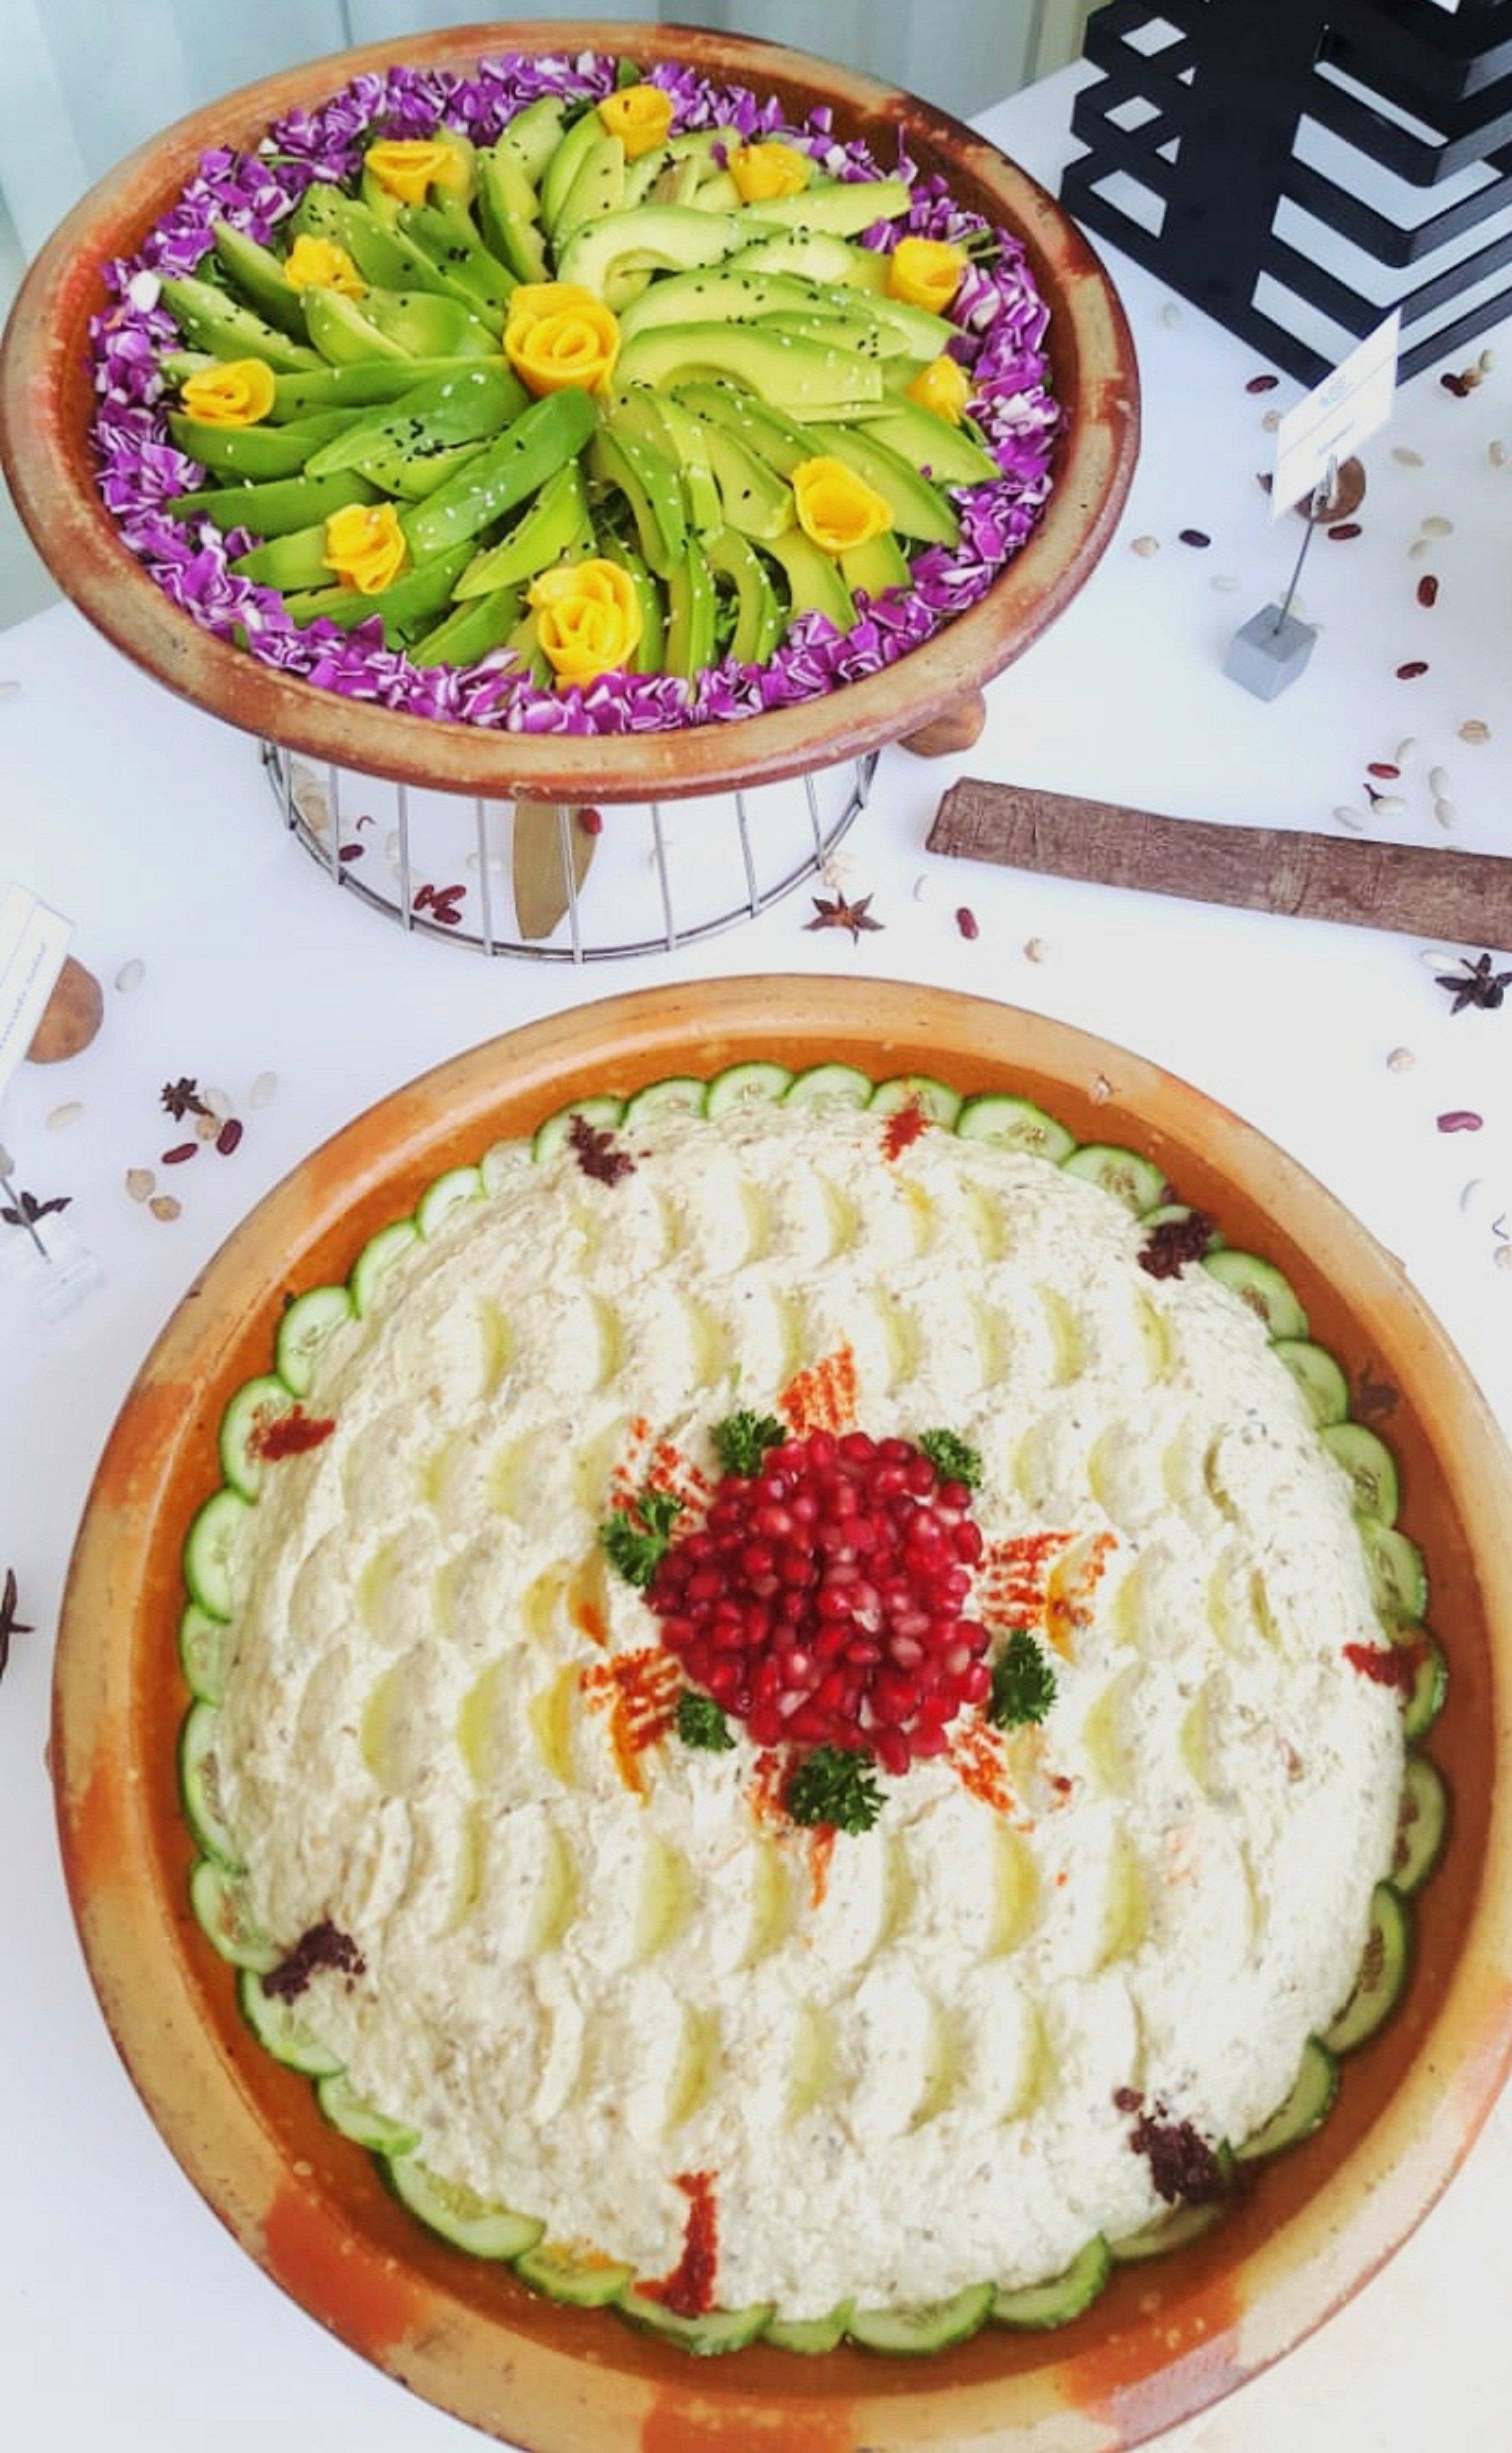 Moutabbal and Avocado salads